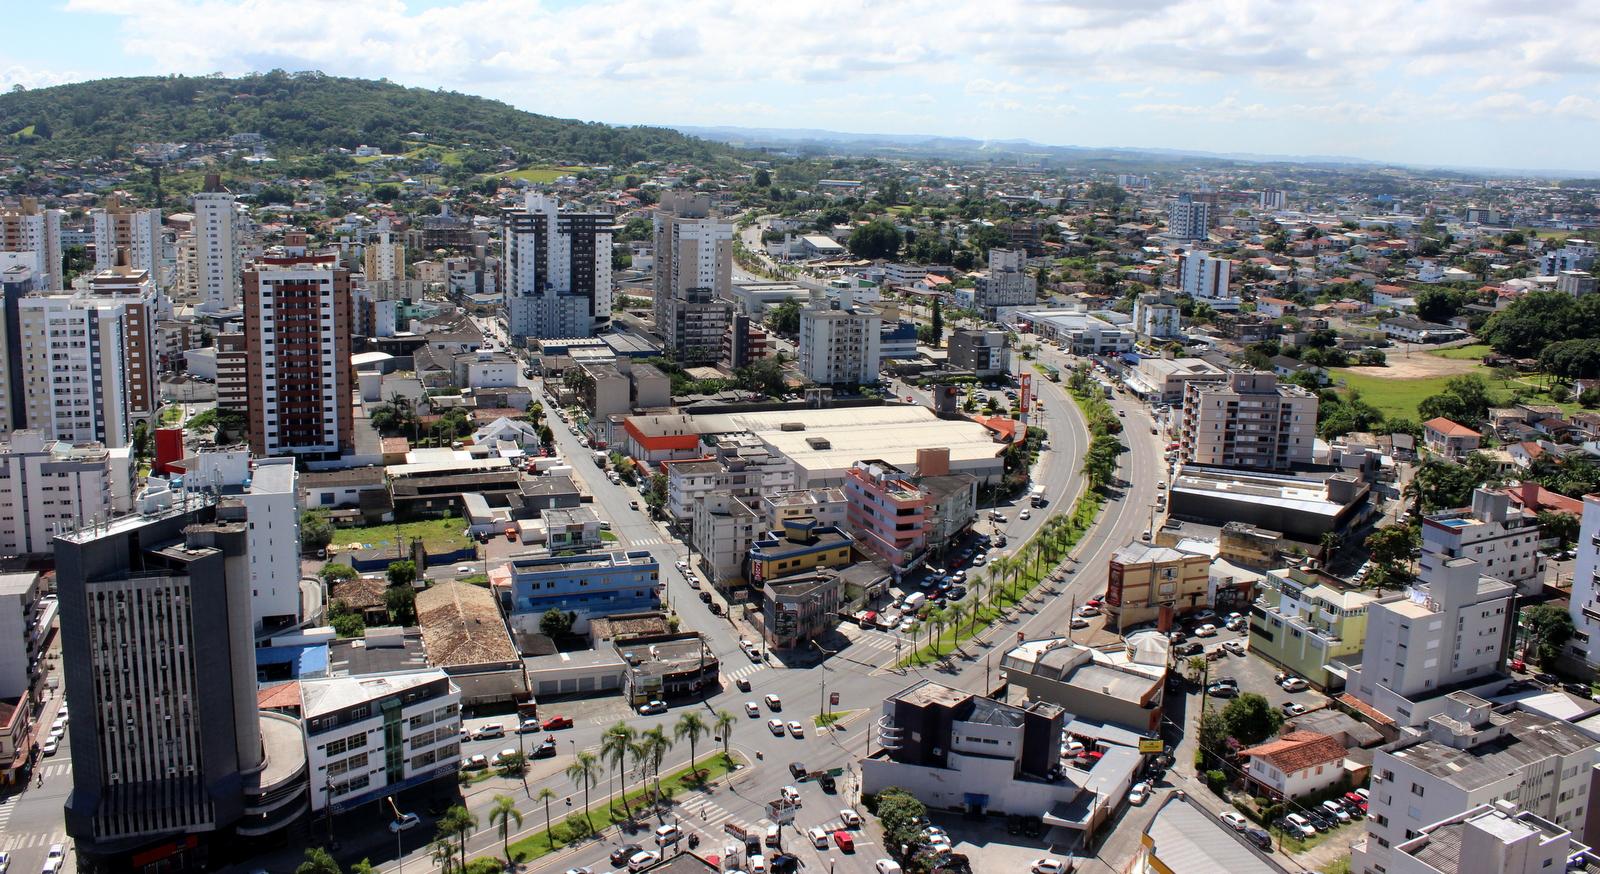 Em 15 dias, Prefeitura de Criciúma injeta aproximadamente R$ 28 milhões na economia